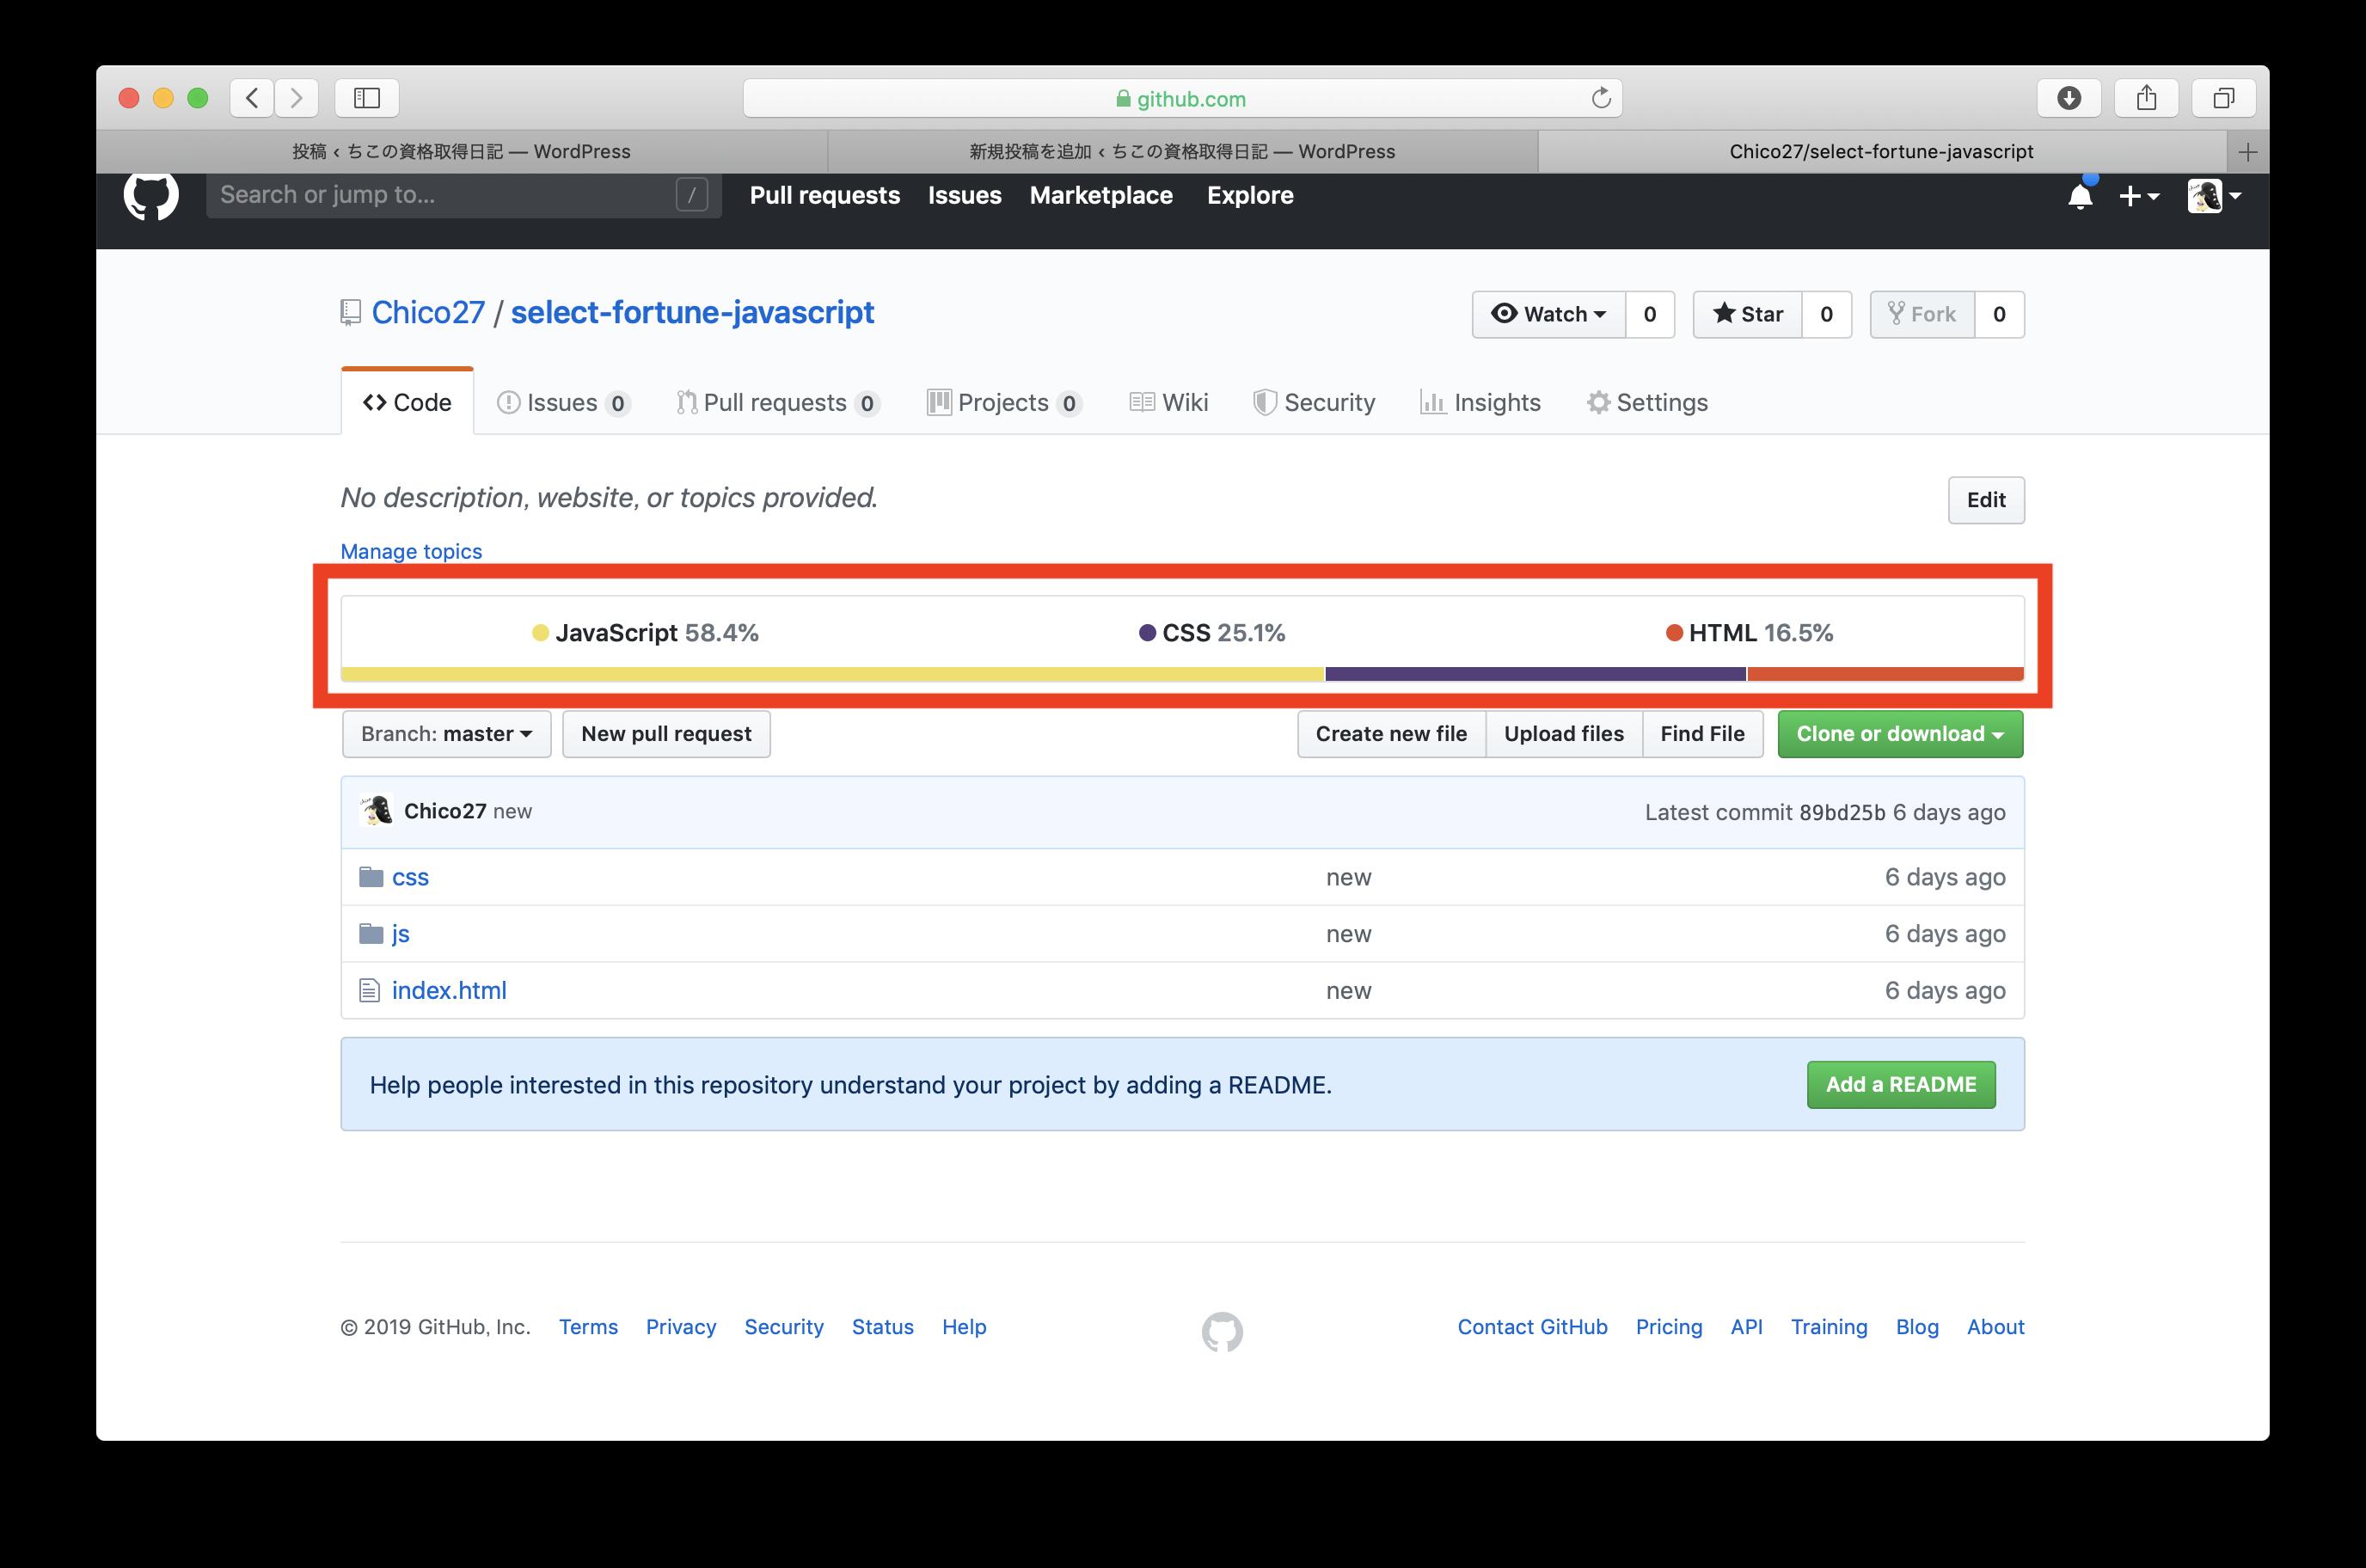 GitHubの言語比率の掲載言語数の限界について